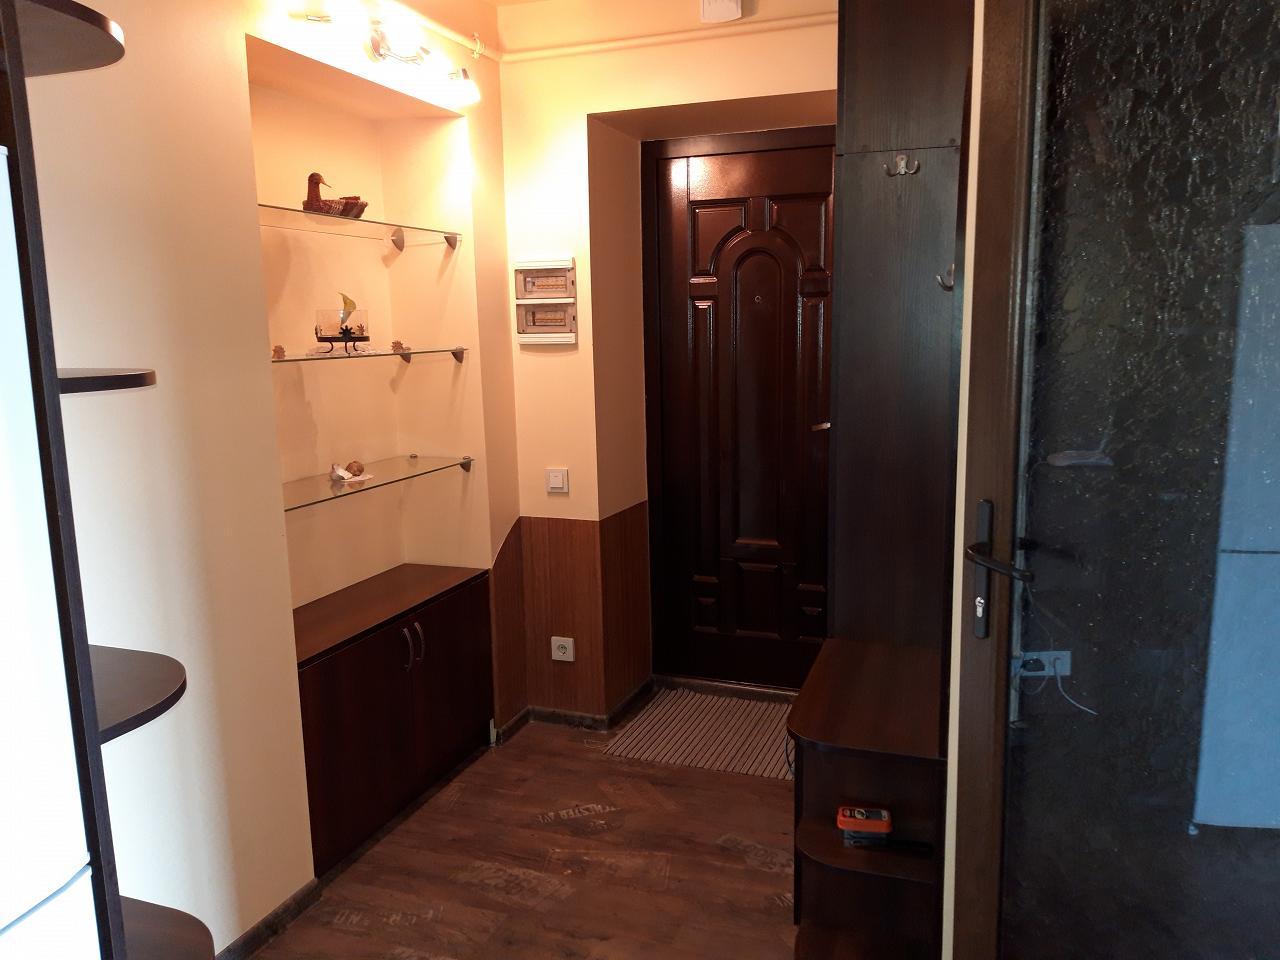 1-pokojowe mieszkanie dobowe, Lwów, plac Рынок, 18 (6)